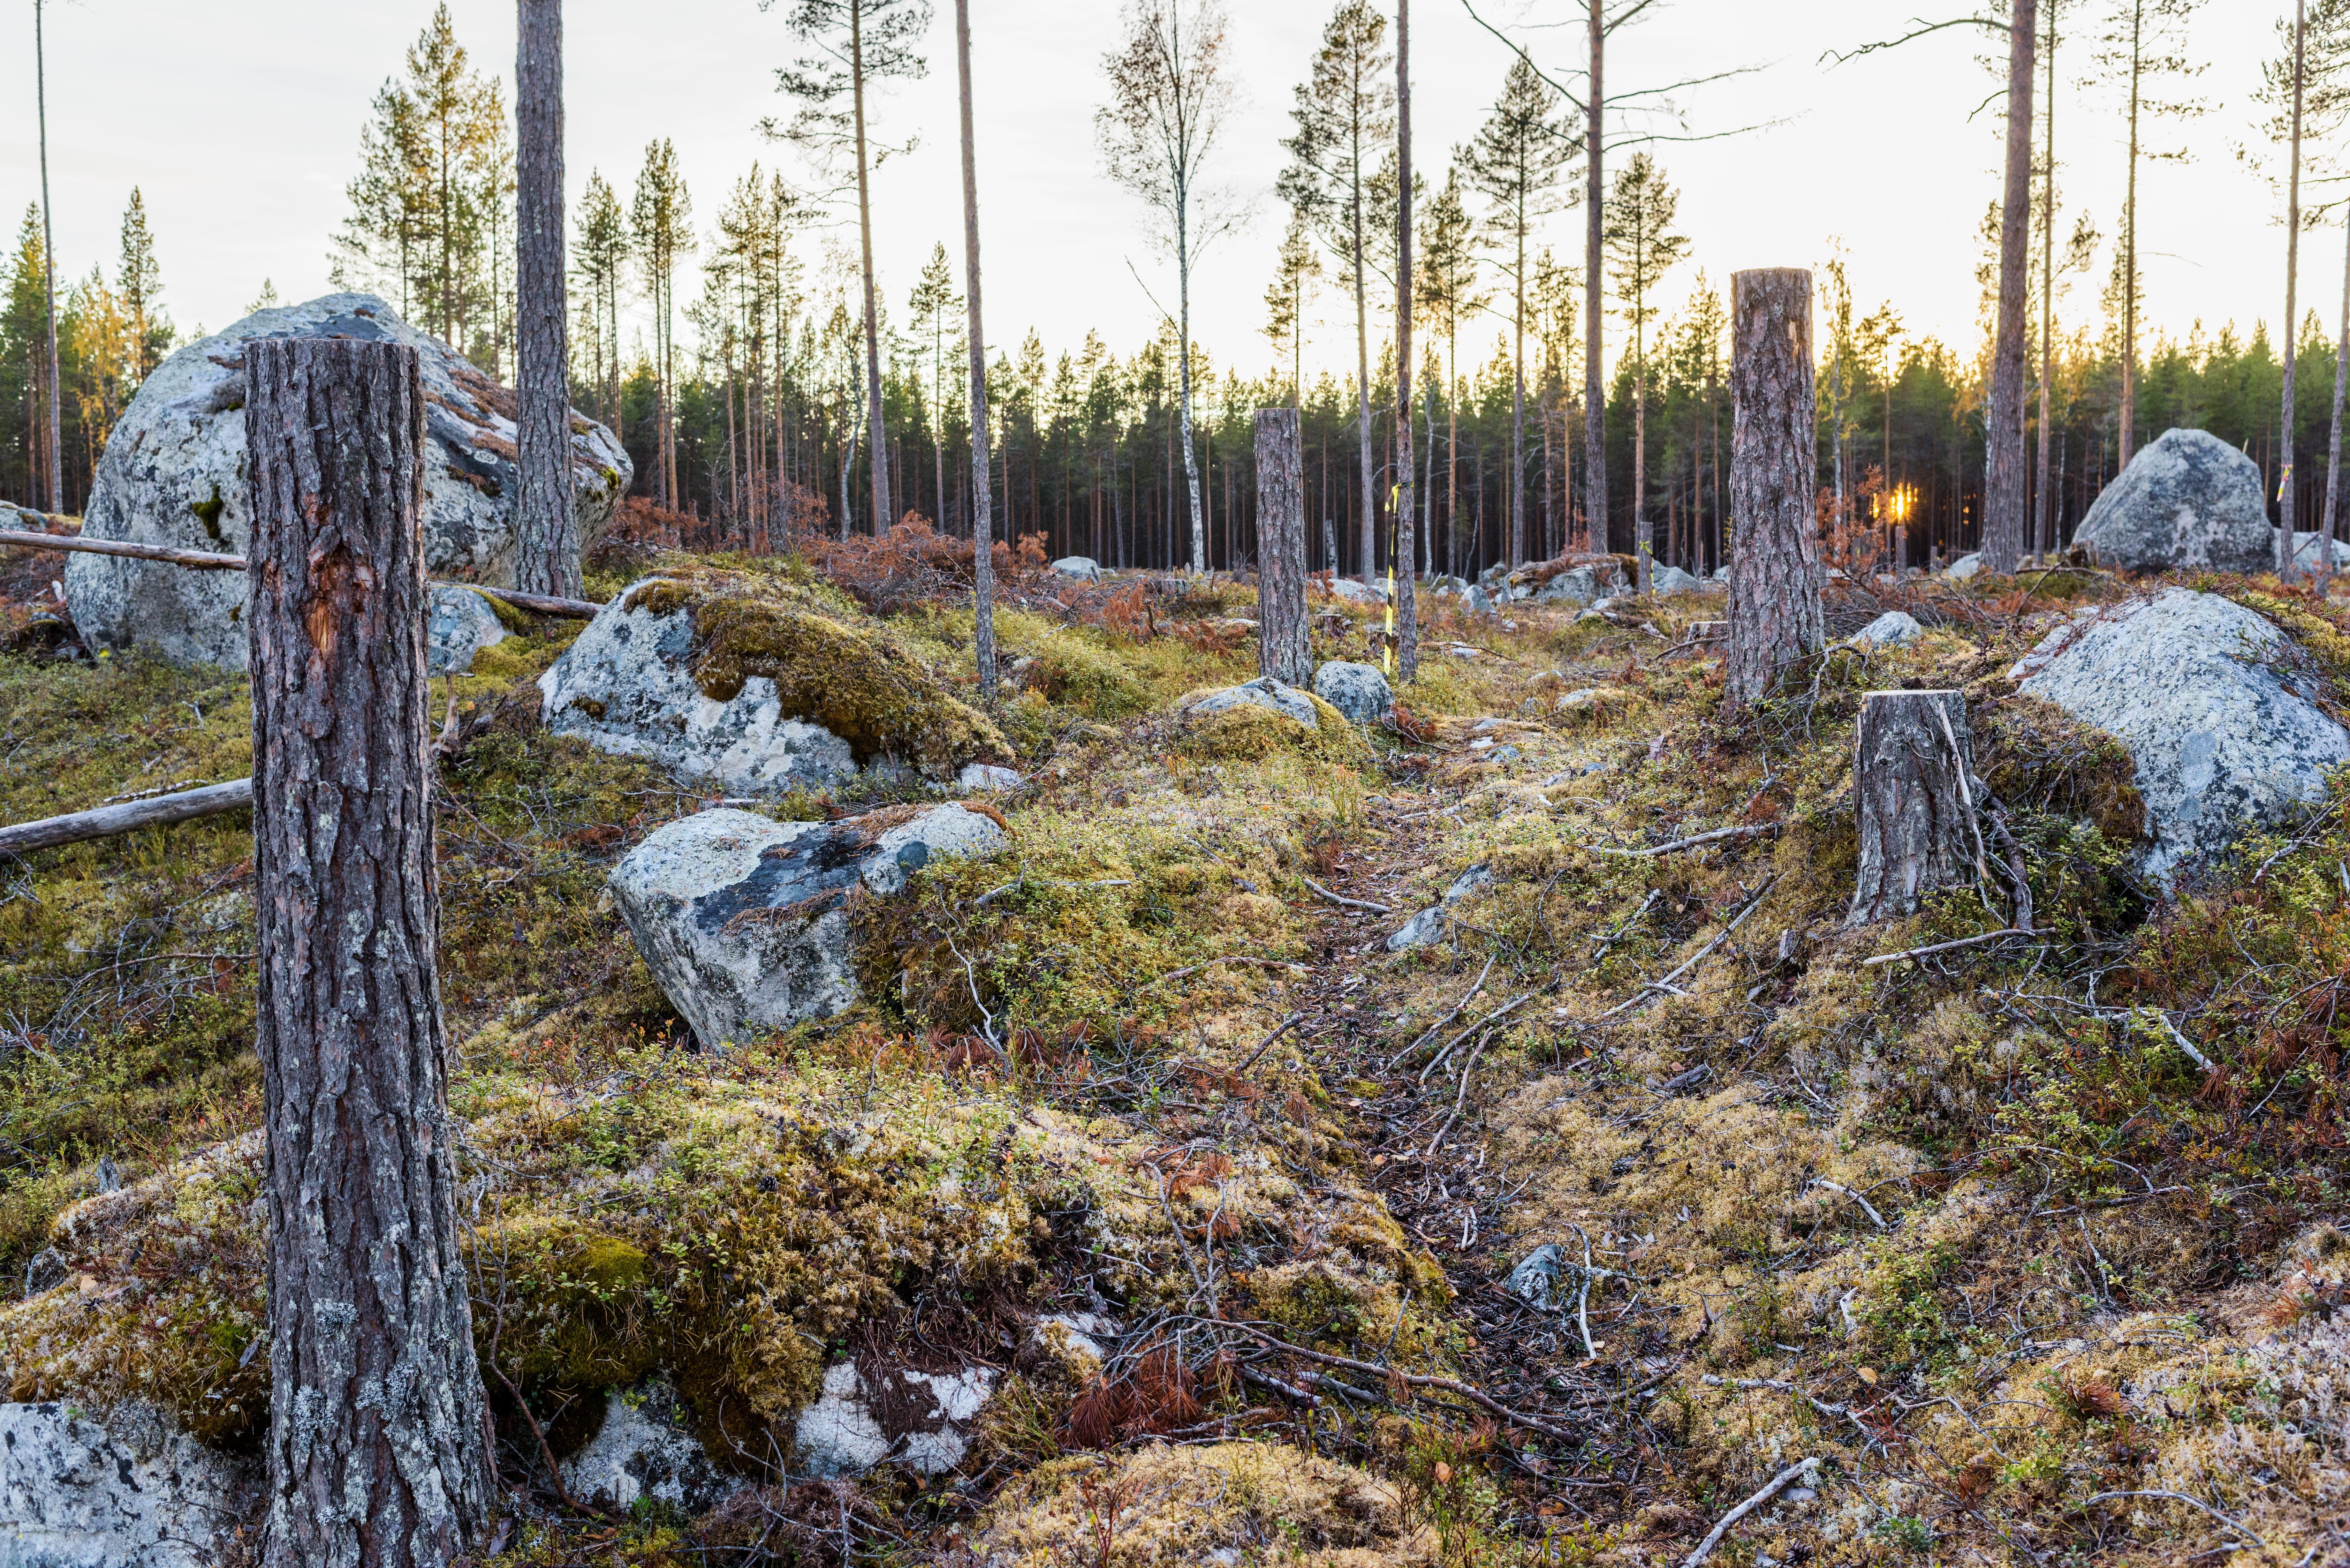 Stig i skogen med kulturstubbar, kulturlämning